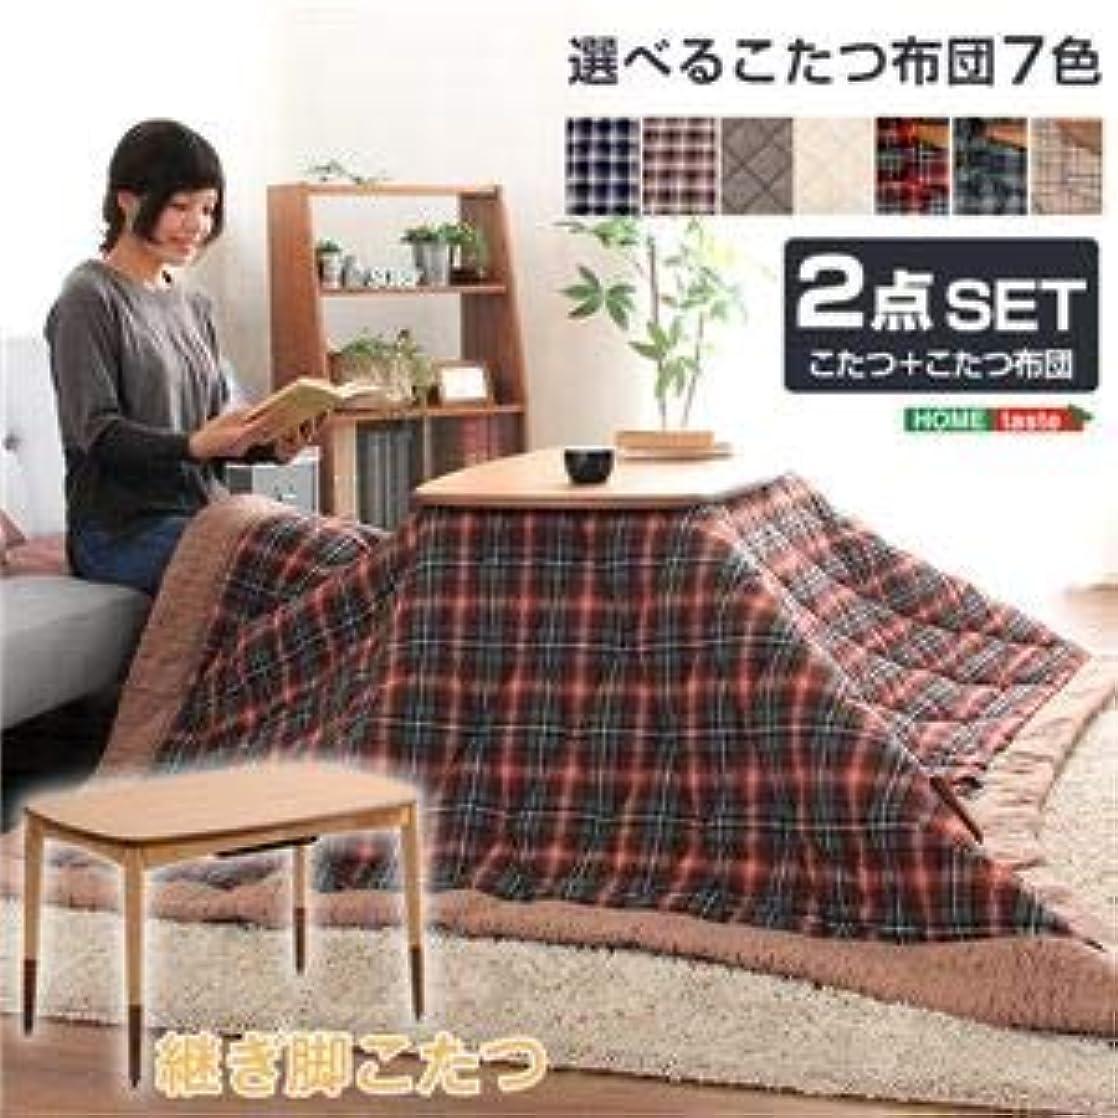 適切にコールドスリップこたつテーブル長方形+布団(7色)2点セット おしゃれなアルダー材使用継ぎ足タイプ 日本製 Coll